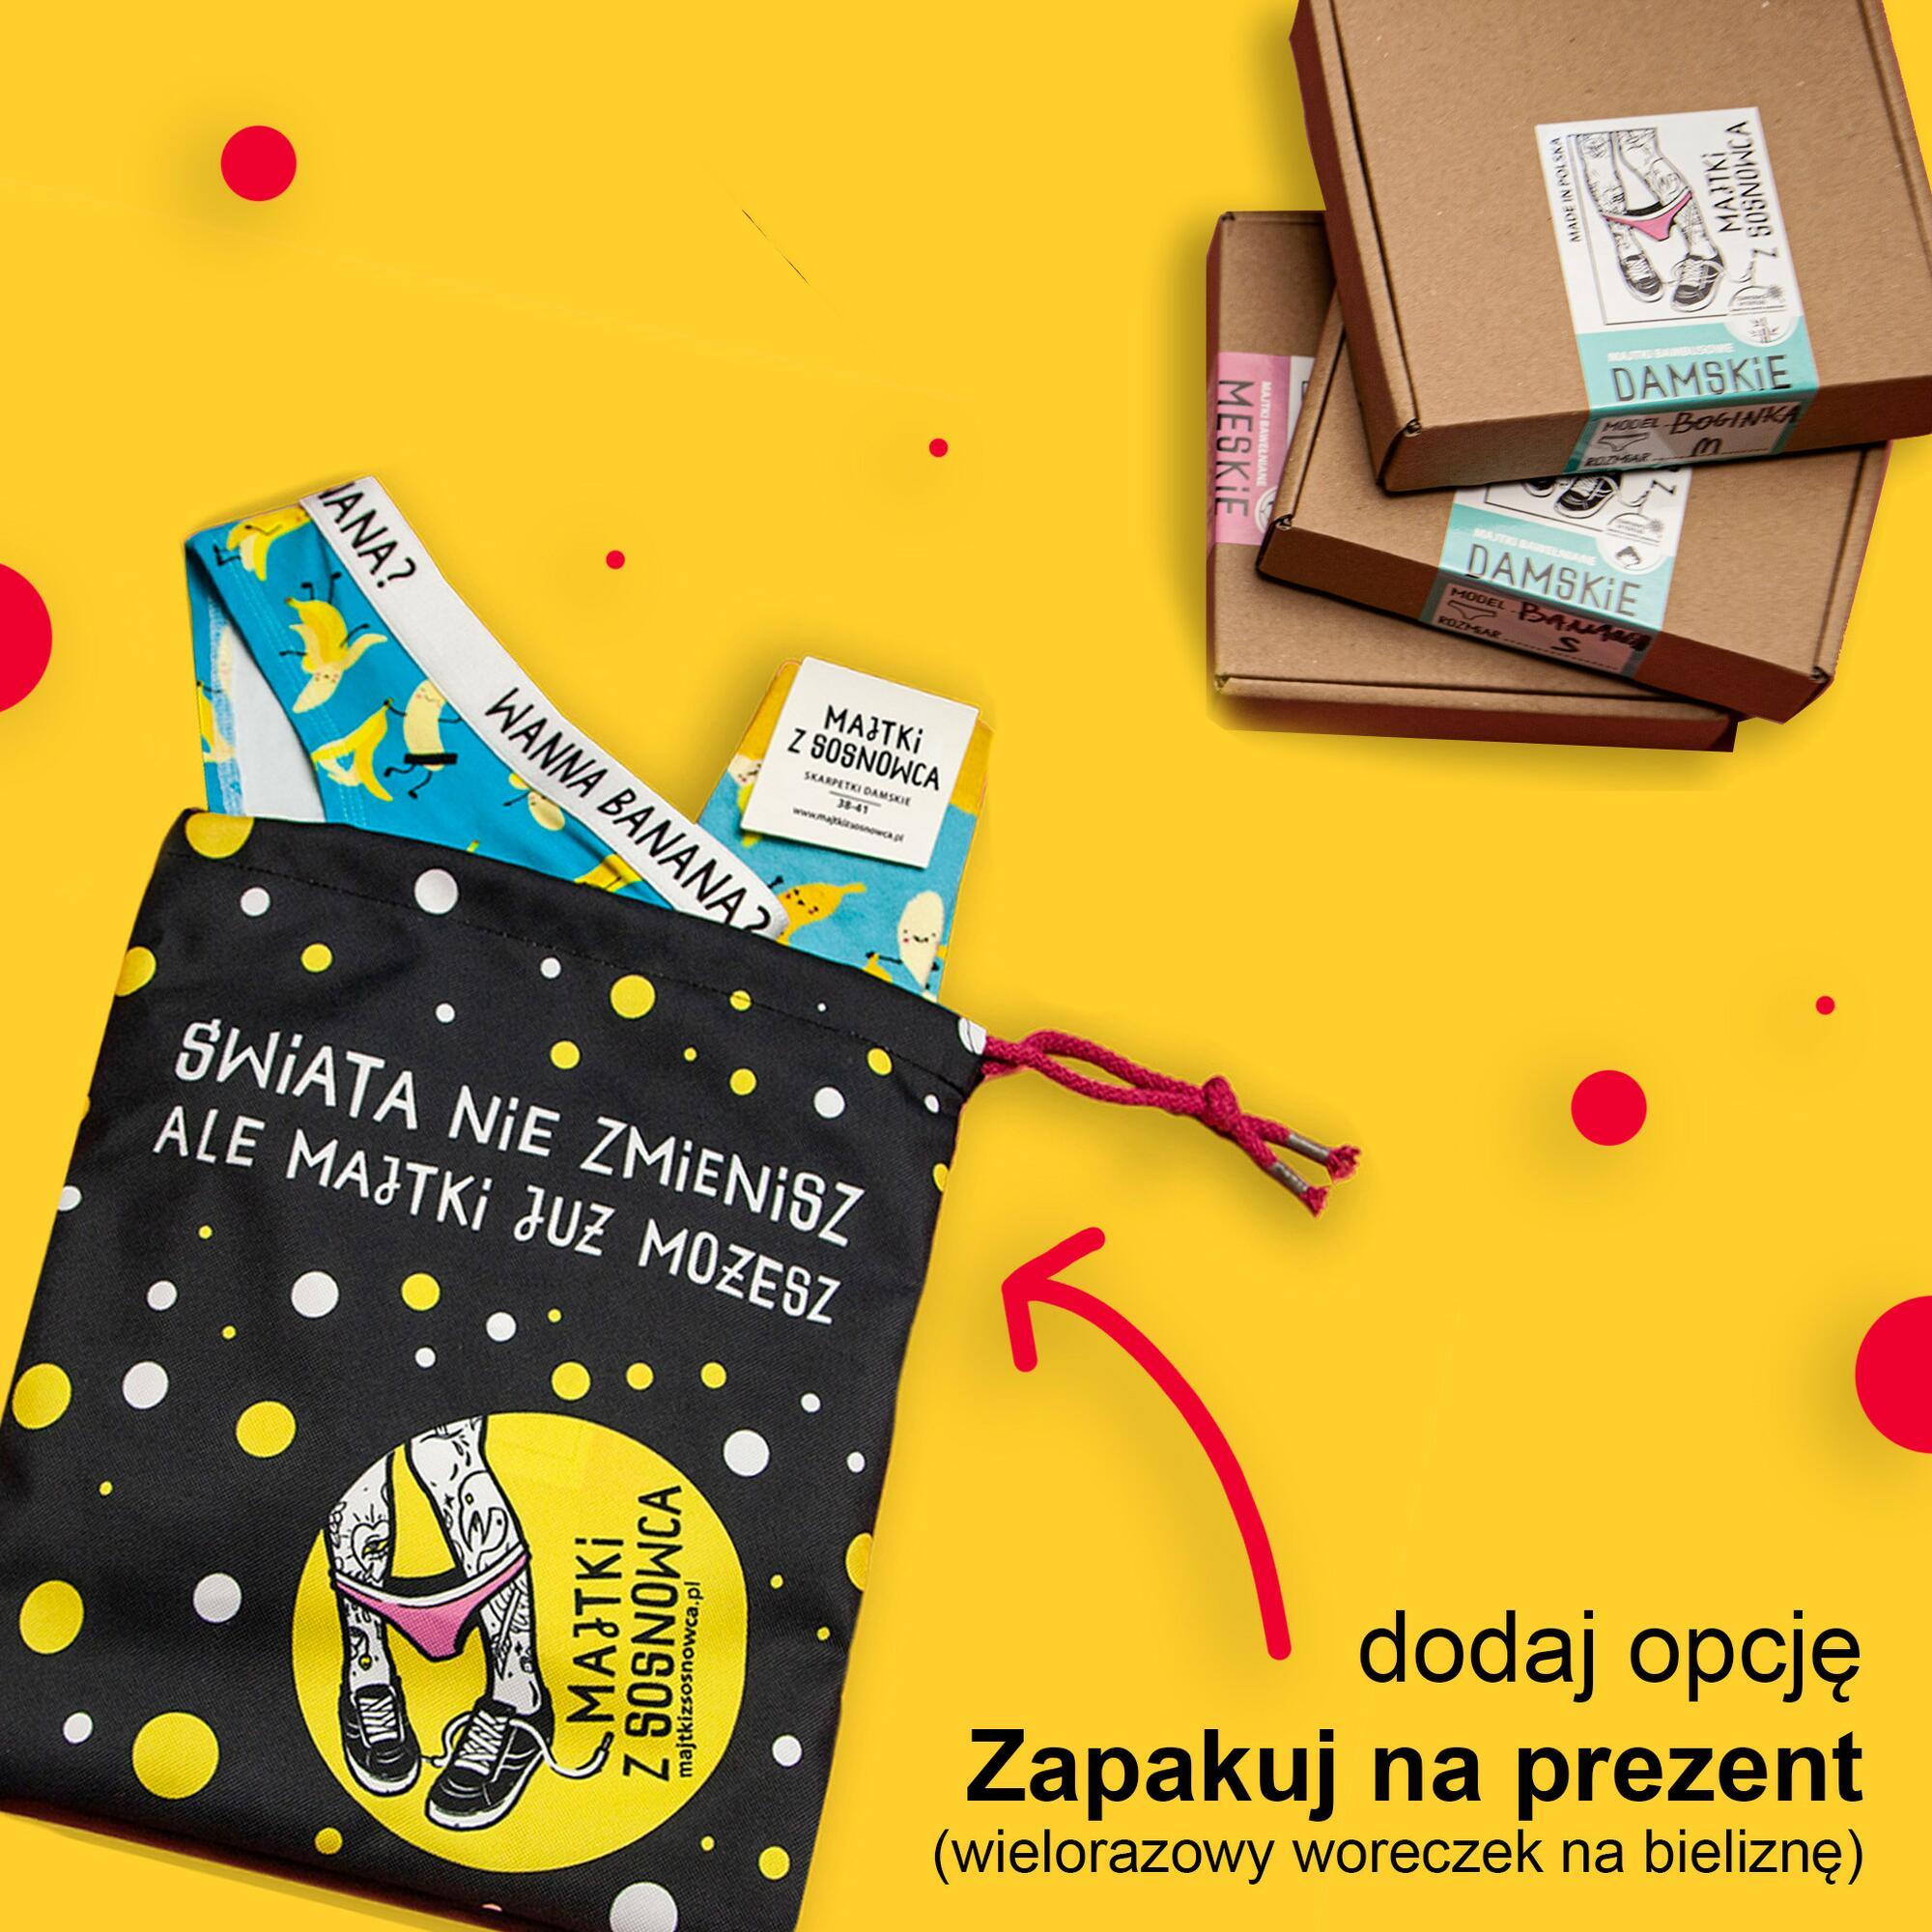 Środa dzień loda - Bokserki bawełniane męskie czarne z napisem - Majtki z Sosnowca by After Panty | JestemSlow.pl